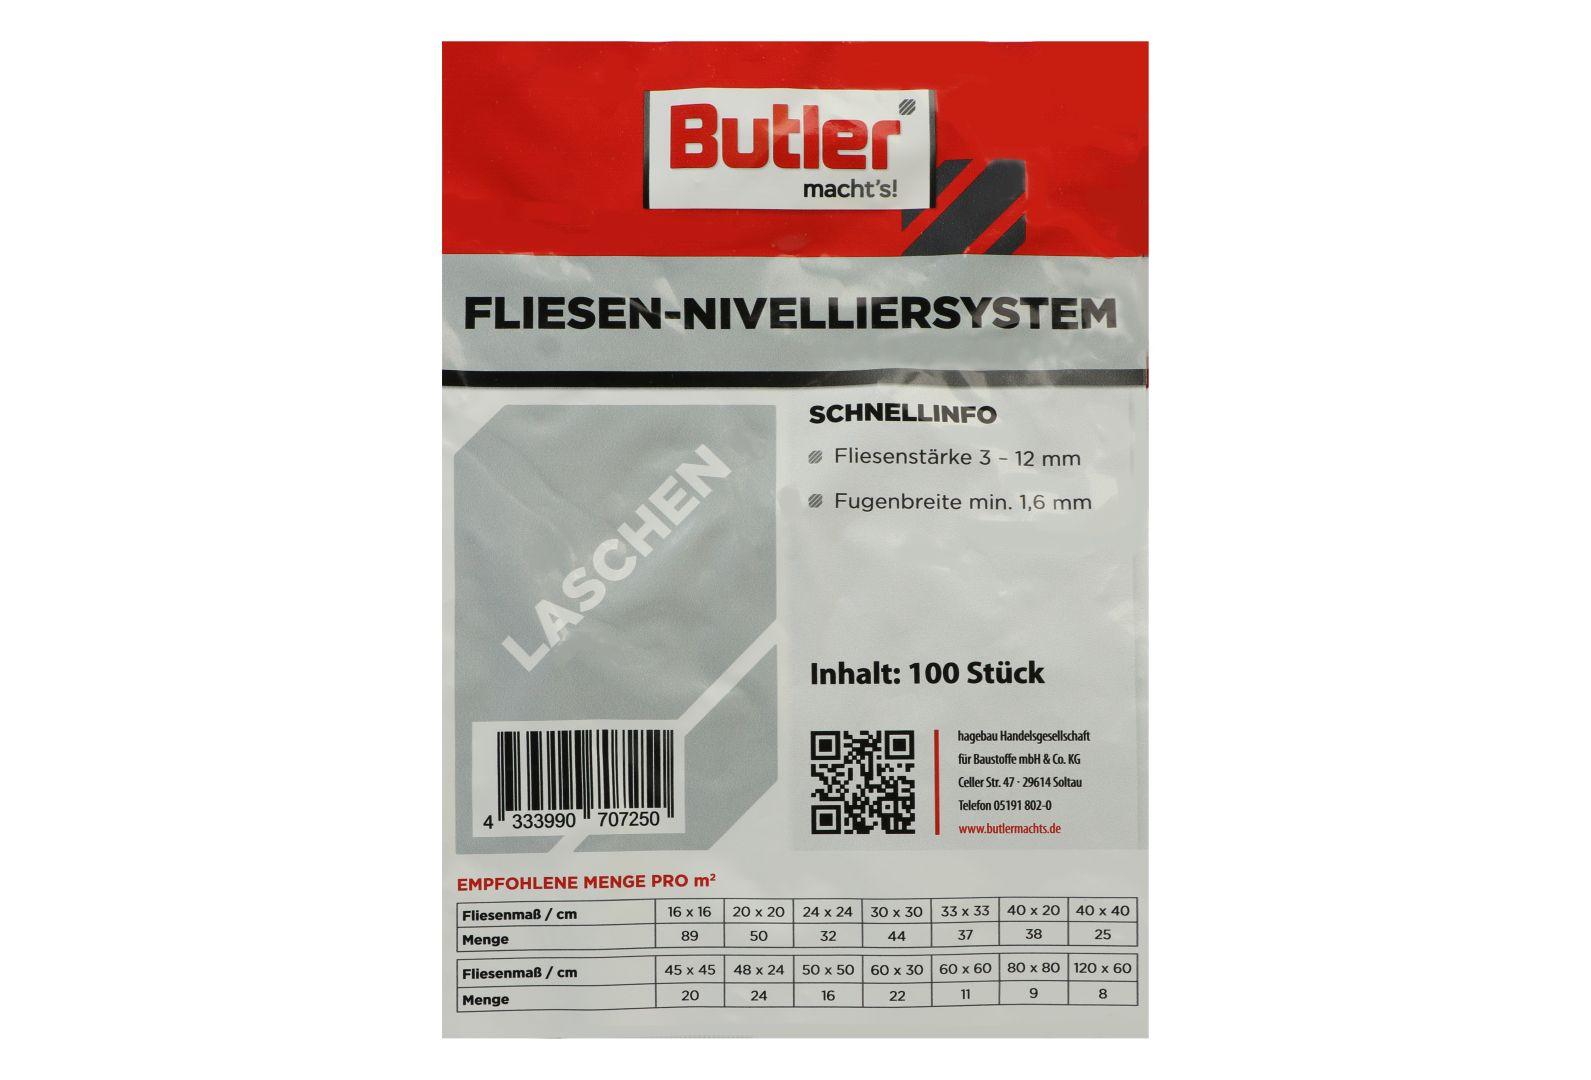 Butler macht's! Fliesen-Nivelliersystem Laschen, für 1,6 mm Fugenbreite, 100 Stück